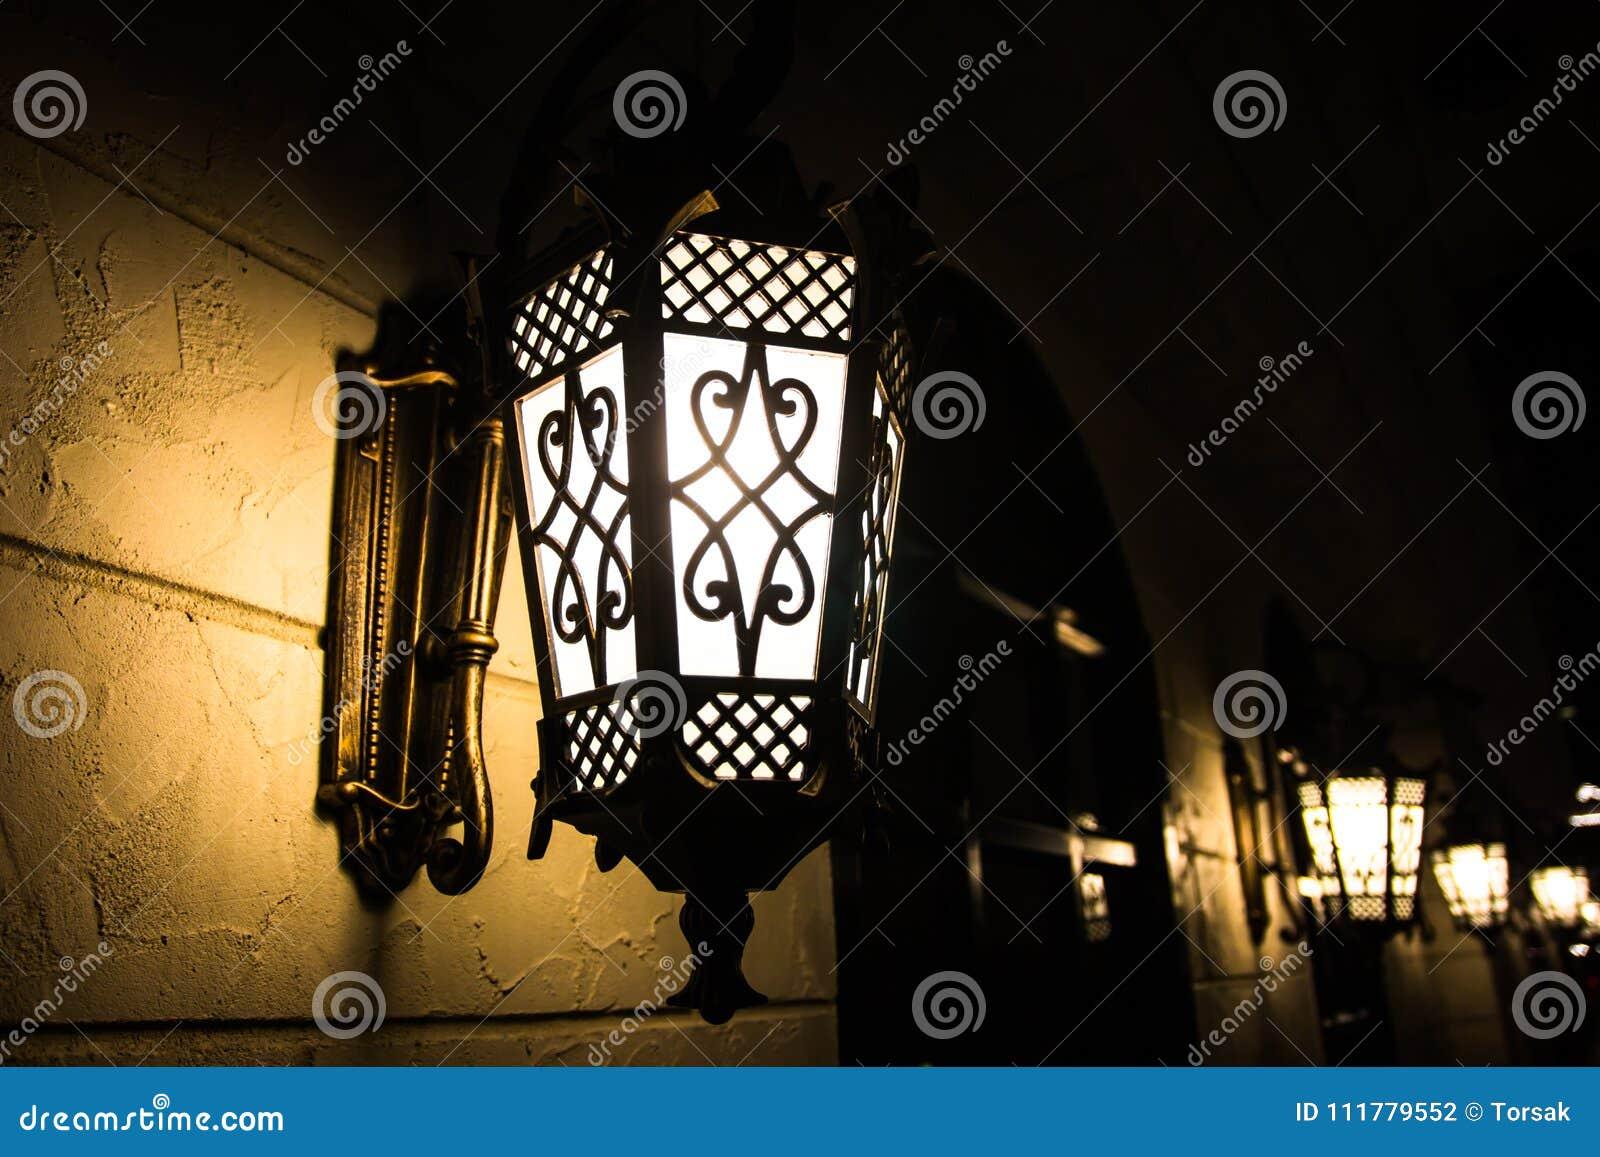 Light bulb on wall